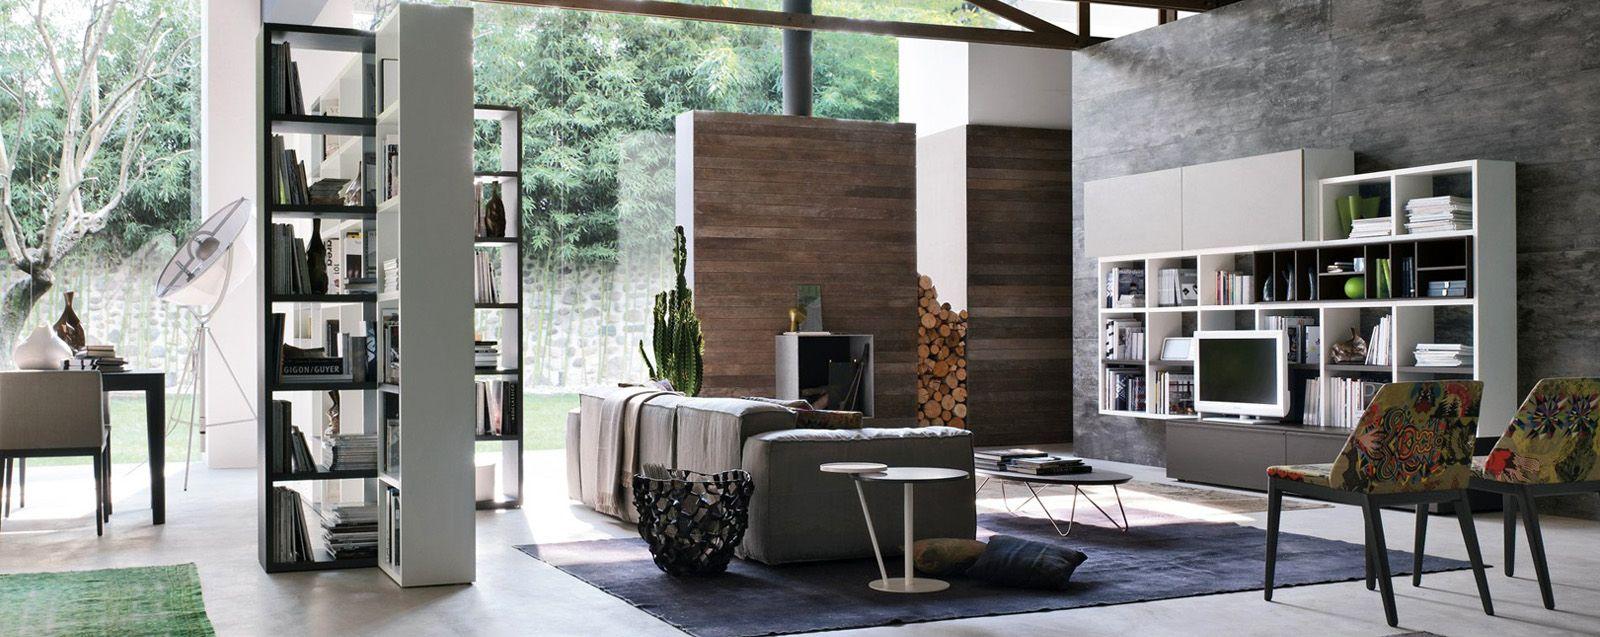 Arredamento mobili stile classico stile moderno for Arredamento classico contemporaneo